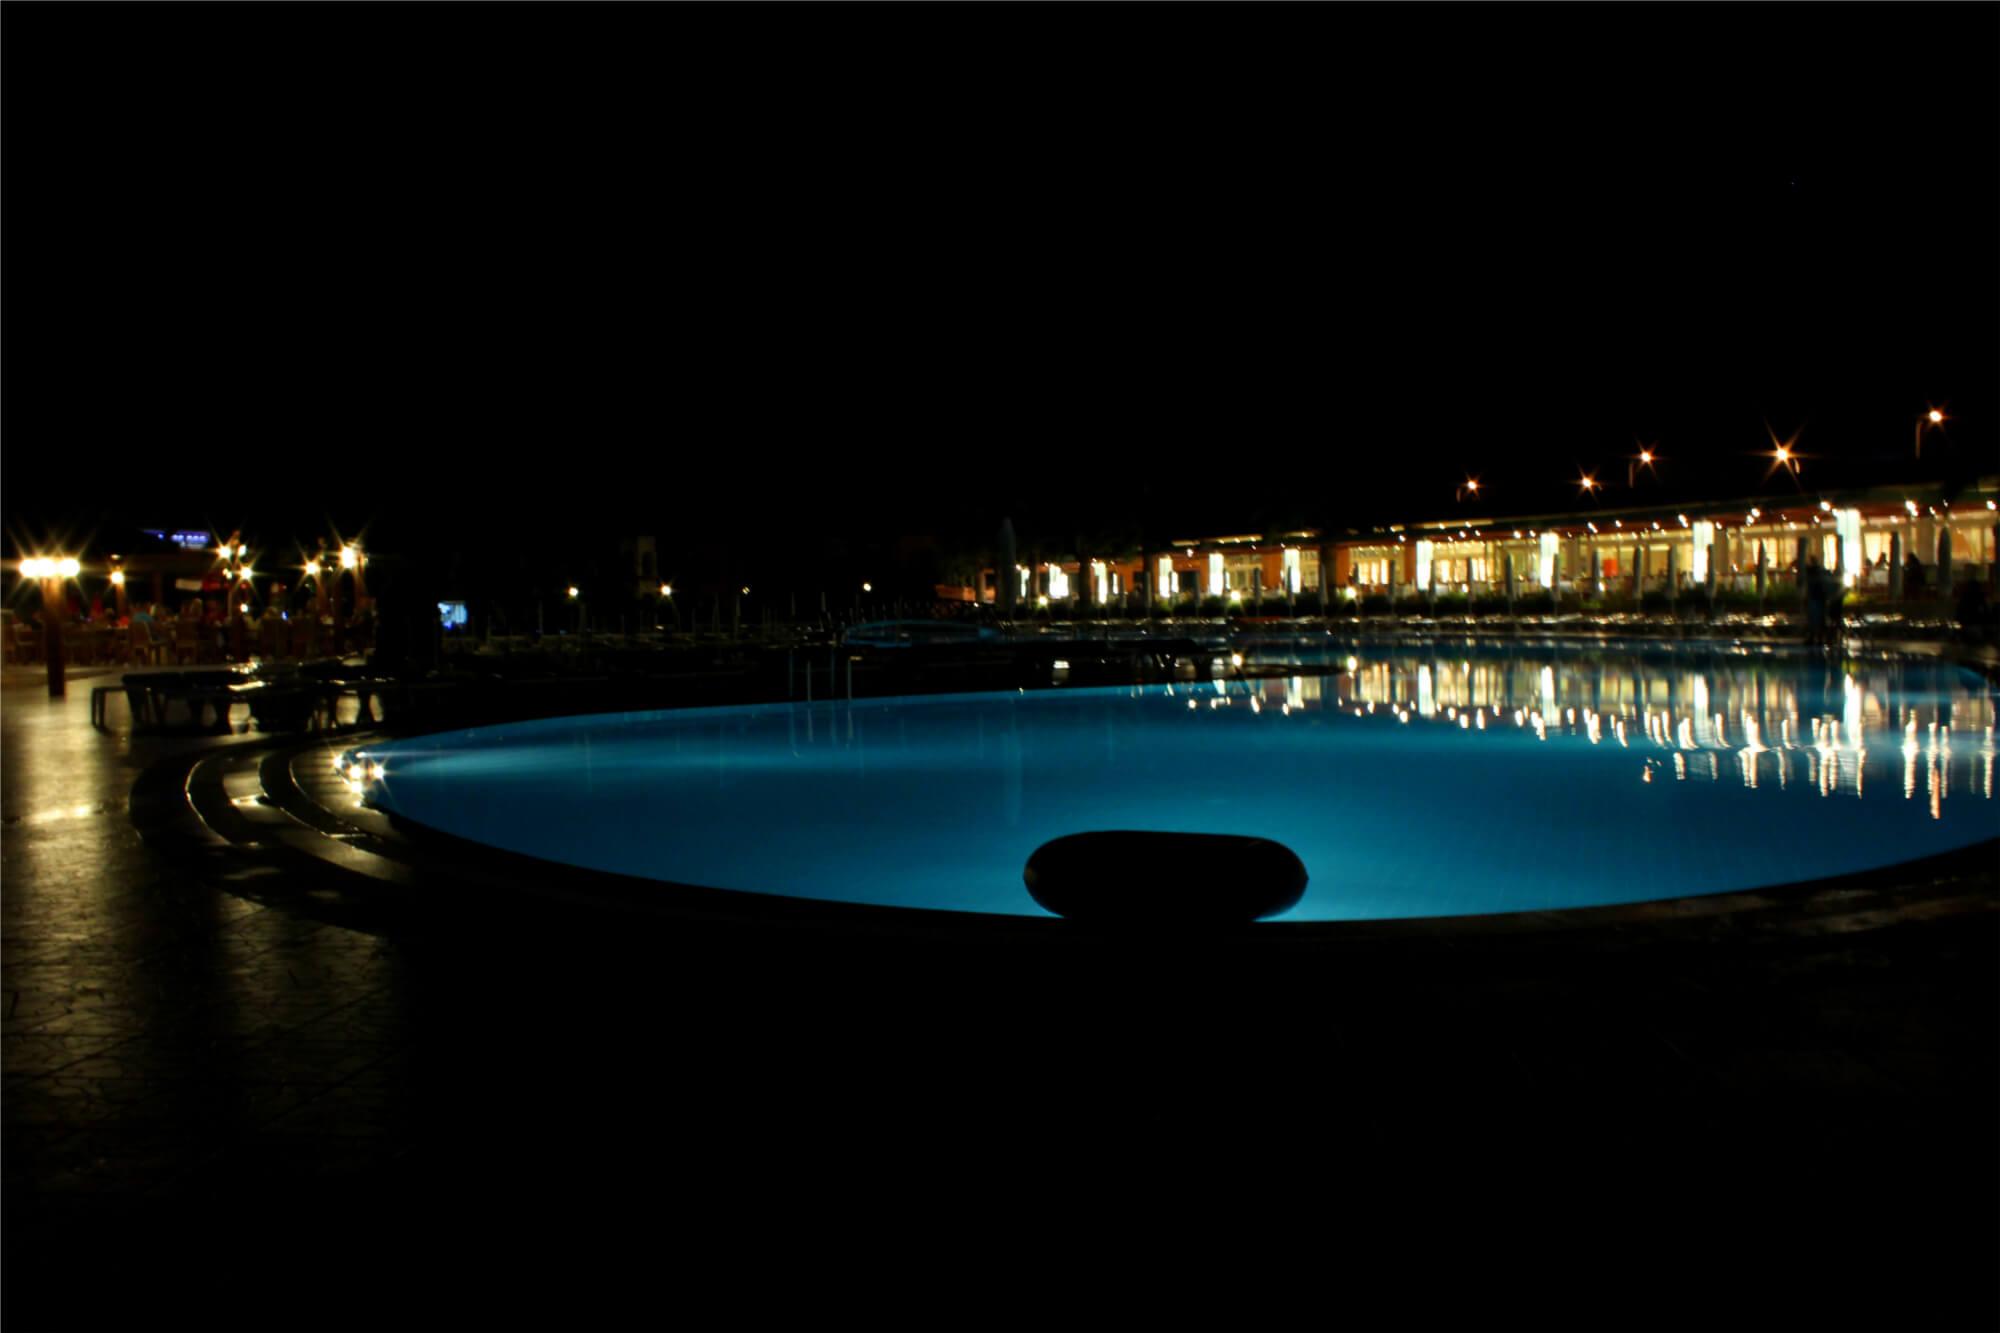 Einer von 3 Pools im Hotel